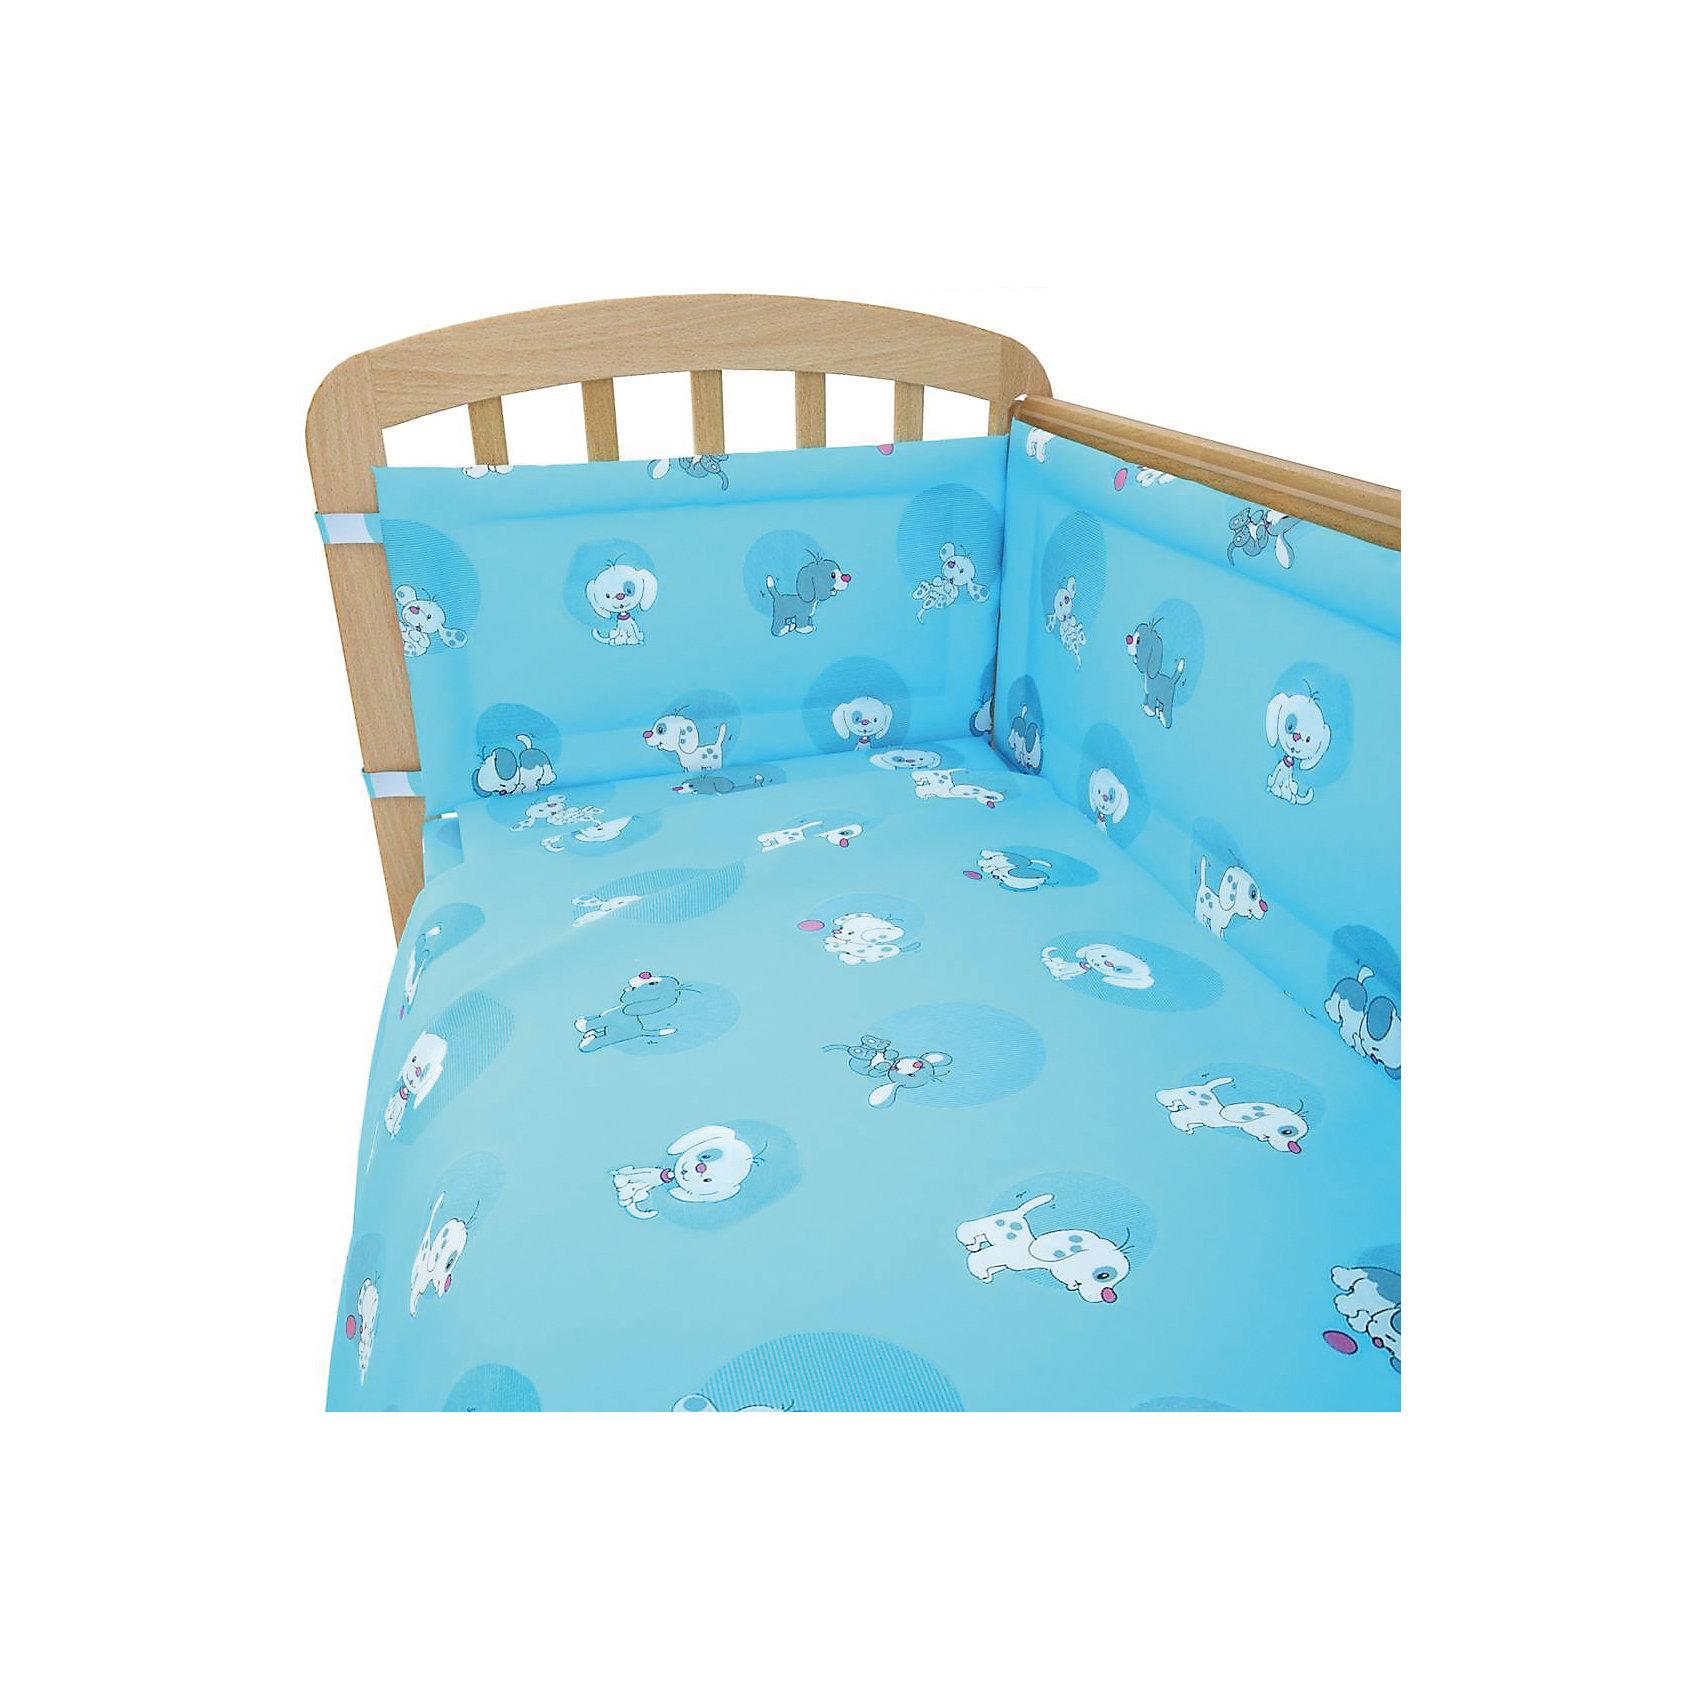 Постельное белье Наши друзья 3 пред., Фея, голубойЛучшее постельное белье для детей делается из натуральных материалов. Этот комплект, состоящий  из наволочки, простыни и пододеяльника, сшит из хлопка, гипоаллергенного, приятного на ощупь и позволяющего коже дышать.<br>Все предметы из набора - стандартных размеров, отлично подойдут к обычной подушке, матрасу и одеялу. Простыня - на резинке, это поможет обеспечить малышу комфорт на всю ночь. Комплект украшен принтом с щенками - на нем малышу будет приятно засыпать! Симпатичная расцветка комплекта отлично подойдет к интерьеру детской.<br><br>Дополнительная информация:<br><br>цвет: голубой, принт;<br>материал: 100% хлопок;<br>наволочка: 40 х 60 см,<br>простыня на резинке: 120 х 60 см,<br>пододеяльник: 110 х 140 см.<br><br>Постельное белье Наши друзья 3 пред., торговой марки Фея можно купить в нашем магазине.<br><br>Ширина мм: 500<br>Глубина мм: 600<br>Высота мм: 100<br>Вес г: 700<br>Возраст от месяцев: 0<br>Возраст до месяцев: 36<br>Пол: Мужской<br>Возраст: Детский<br>SKU: 4873632